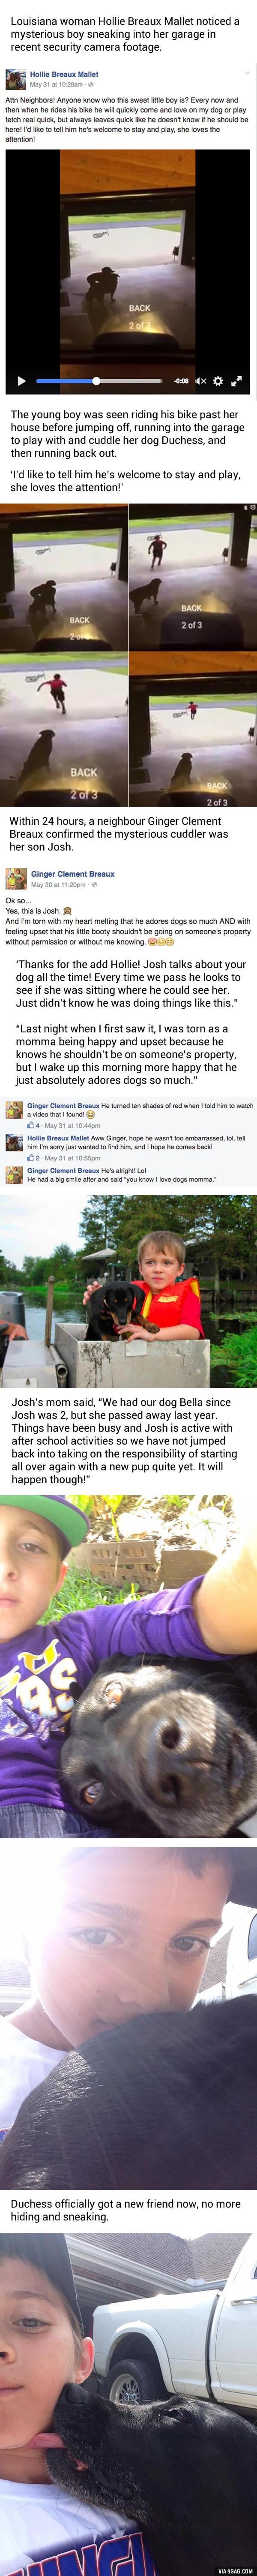 boy dogs hugs caption security camera little - 8804046336